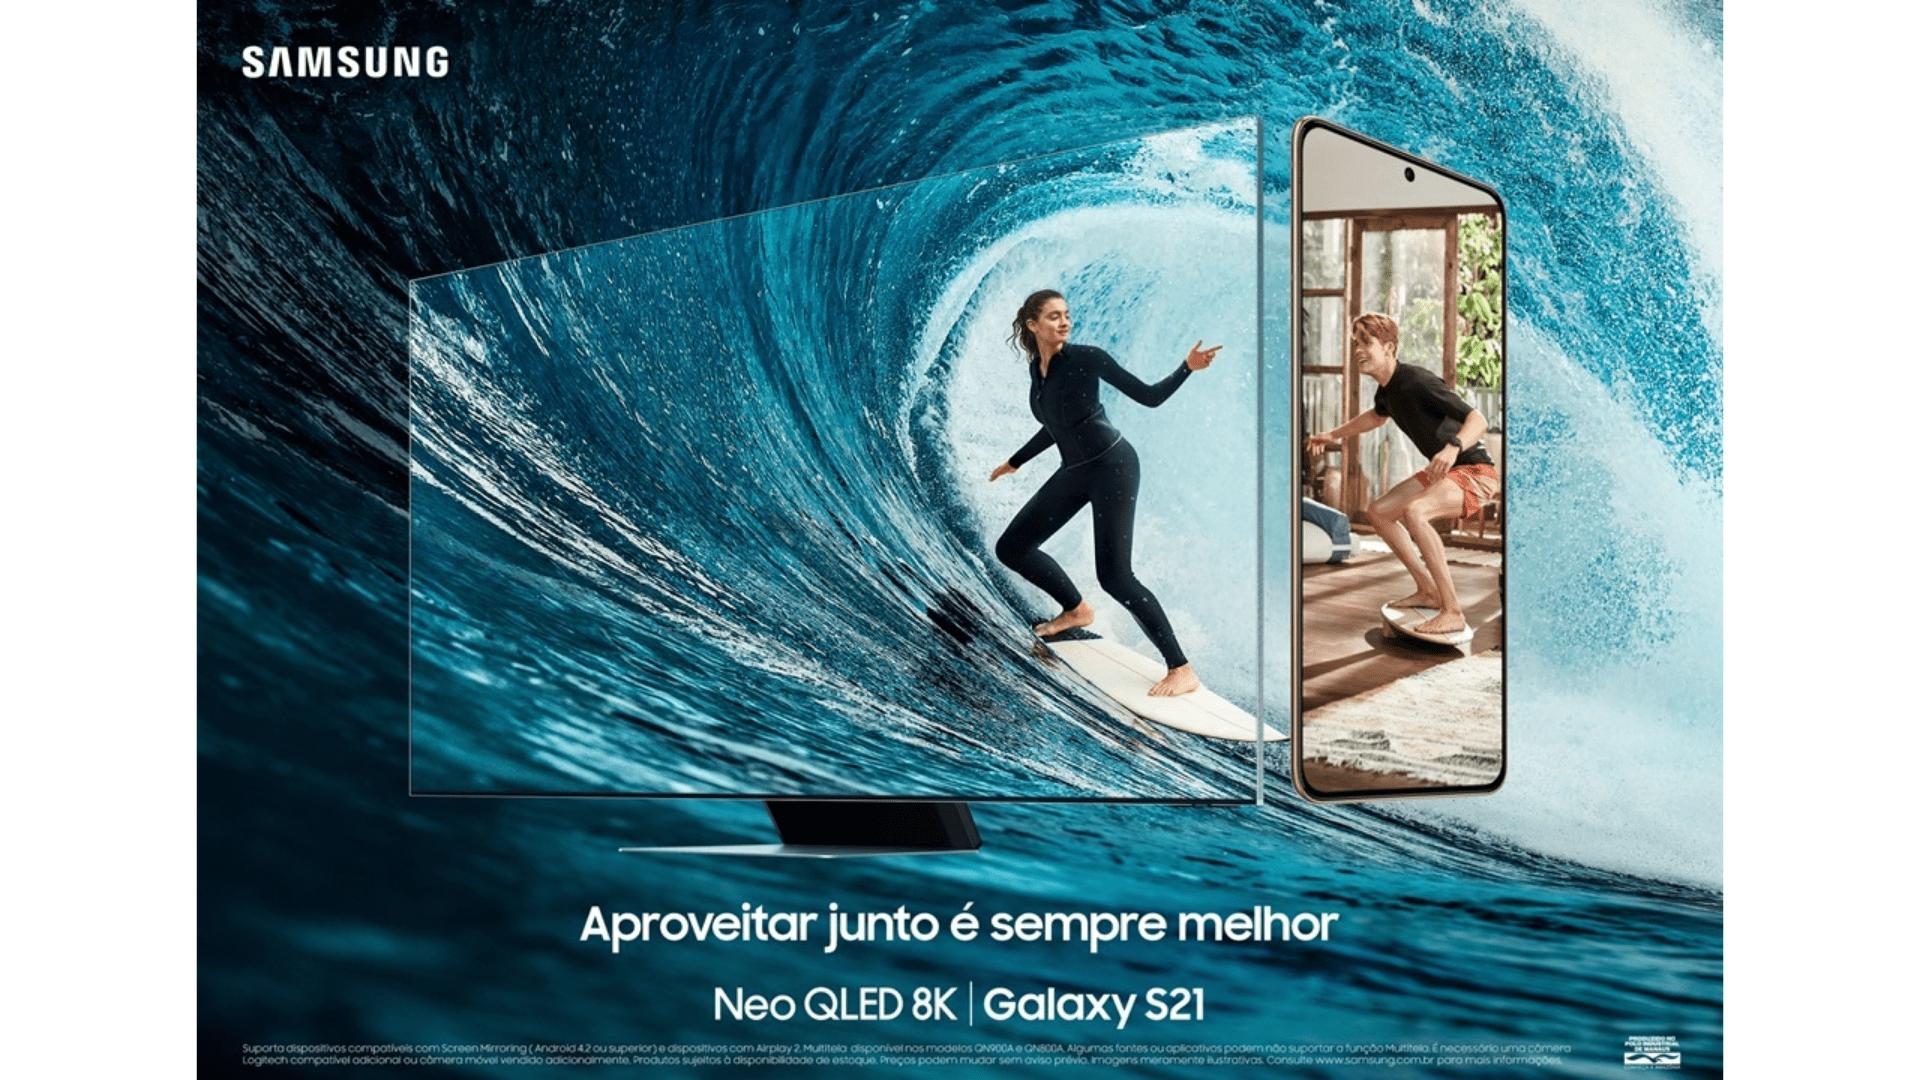 Samsung frisa a complementariedade das TVs Neo QLED 8K e o Galaxy S21. (Imagem: Divulgação/Samsung)